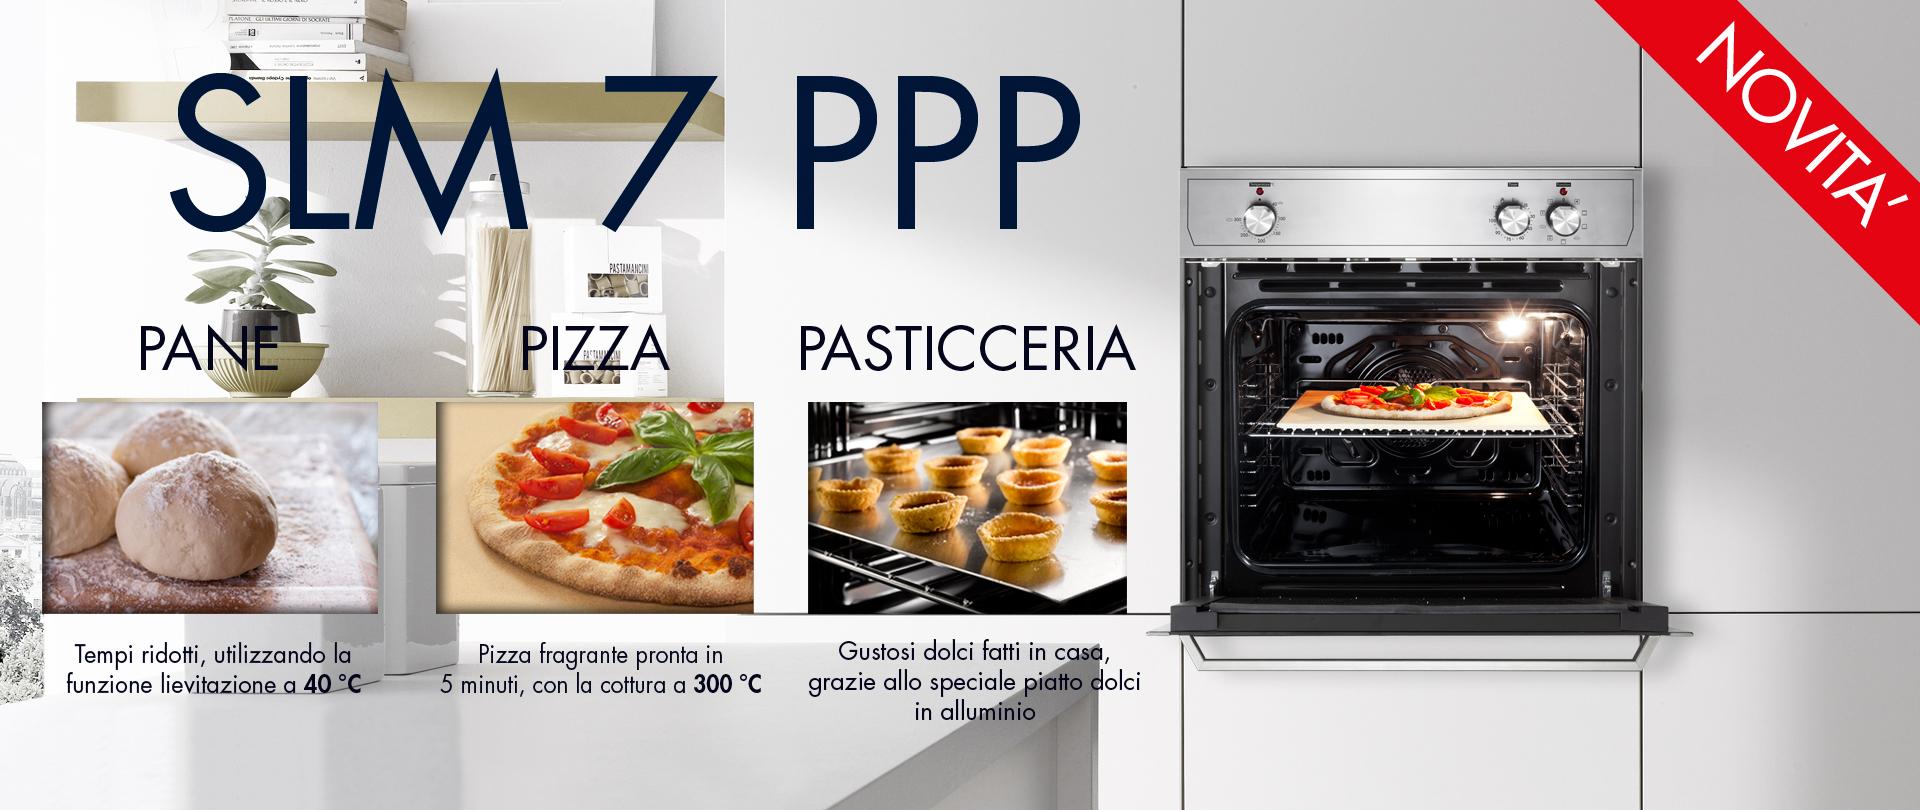 """Forno Elettrico SLM 7 PPP """"PIZZA, PANE, PASTICCERIA"""""""